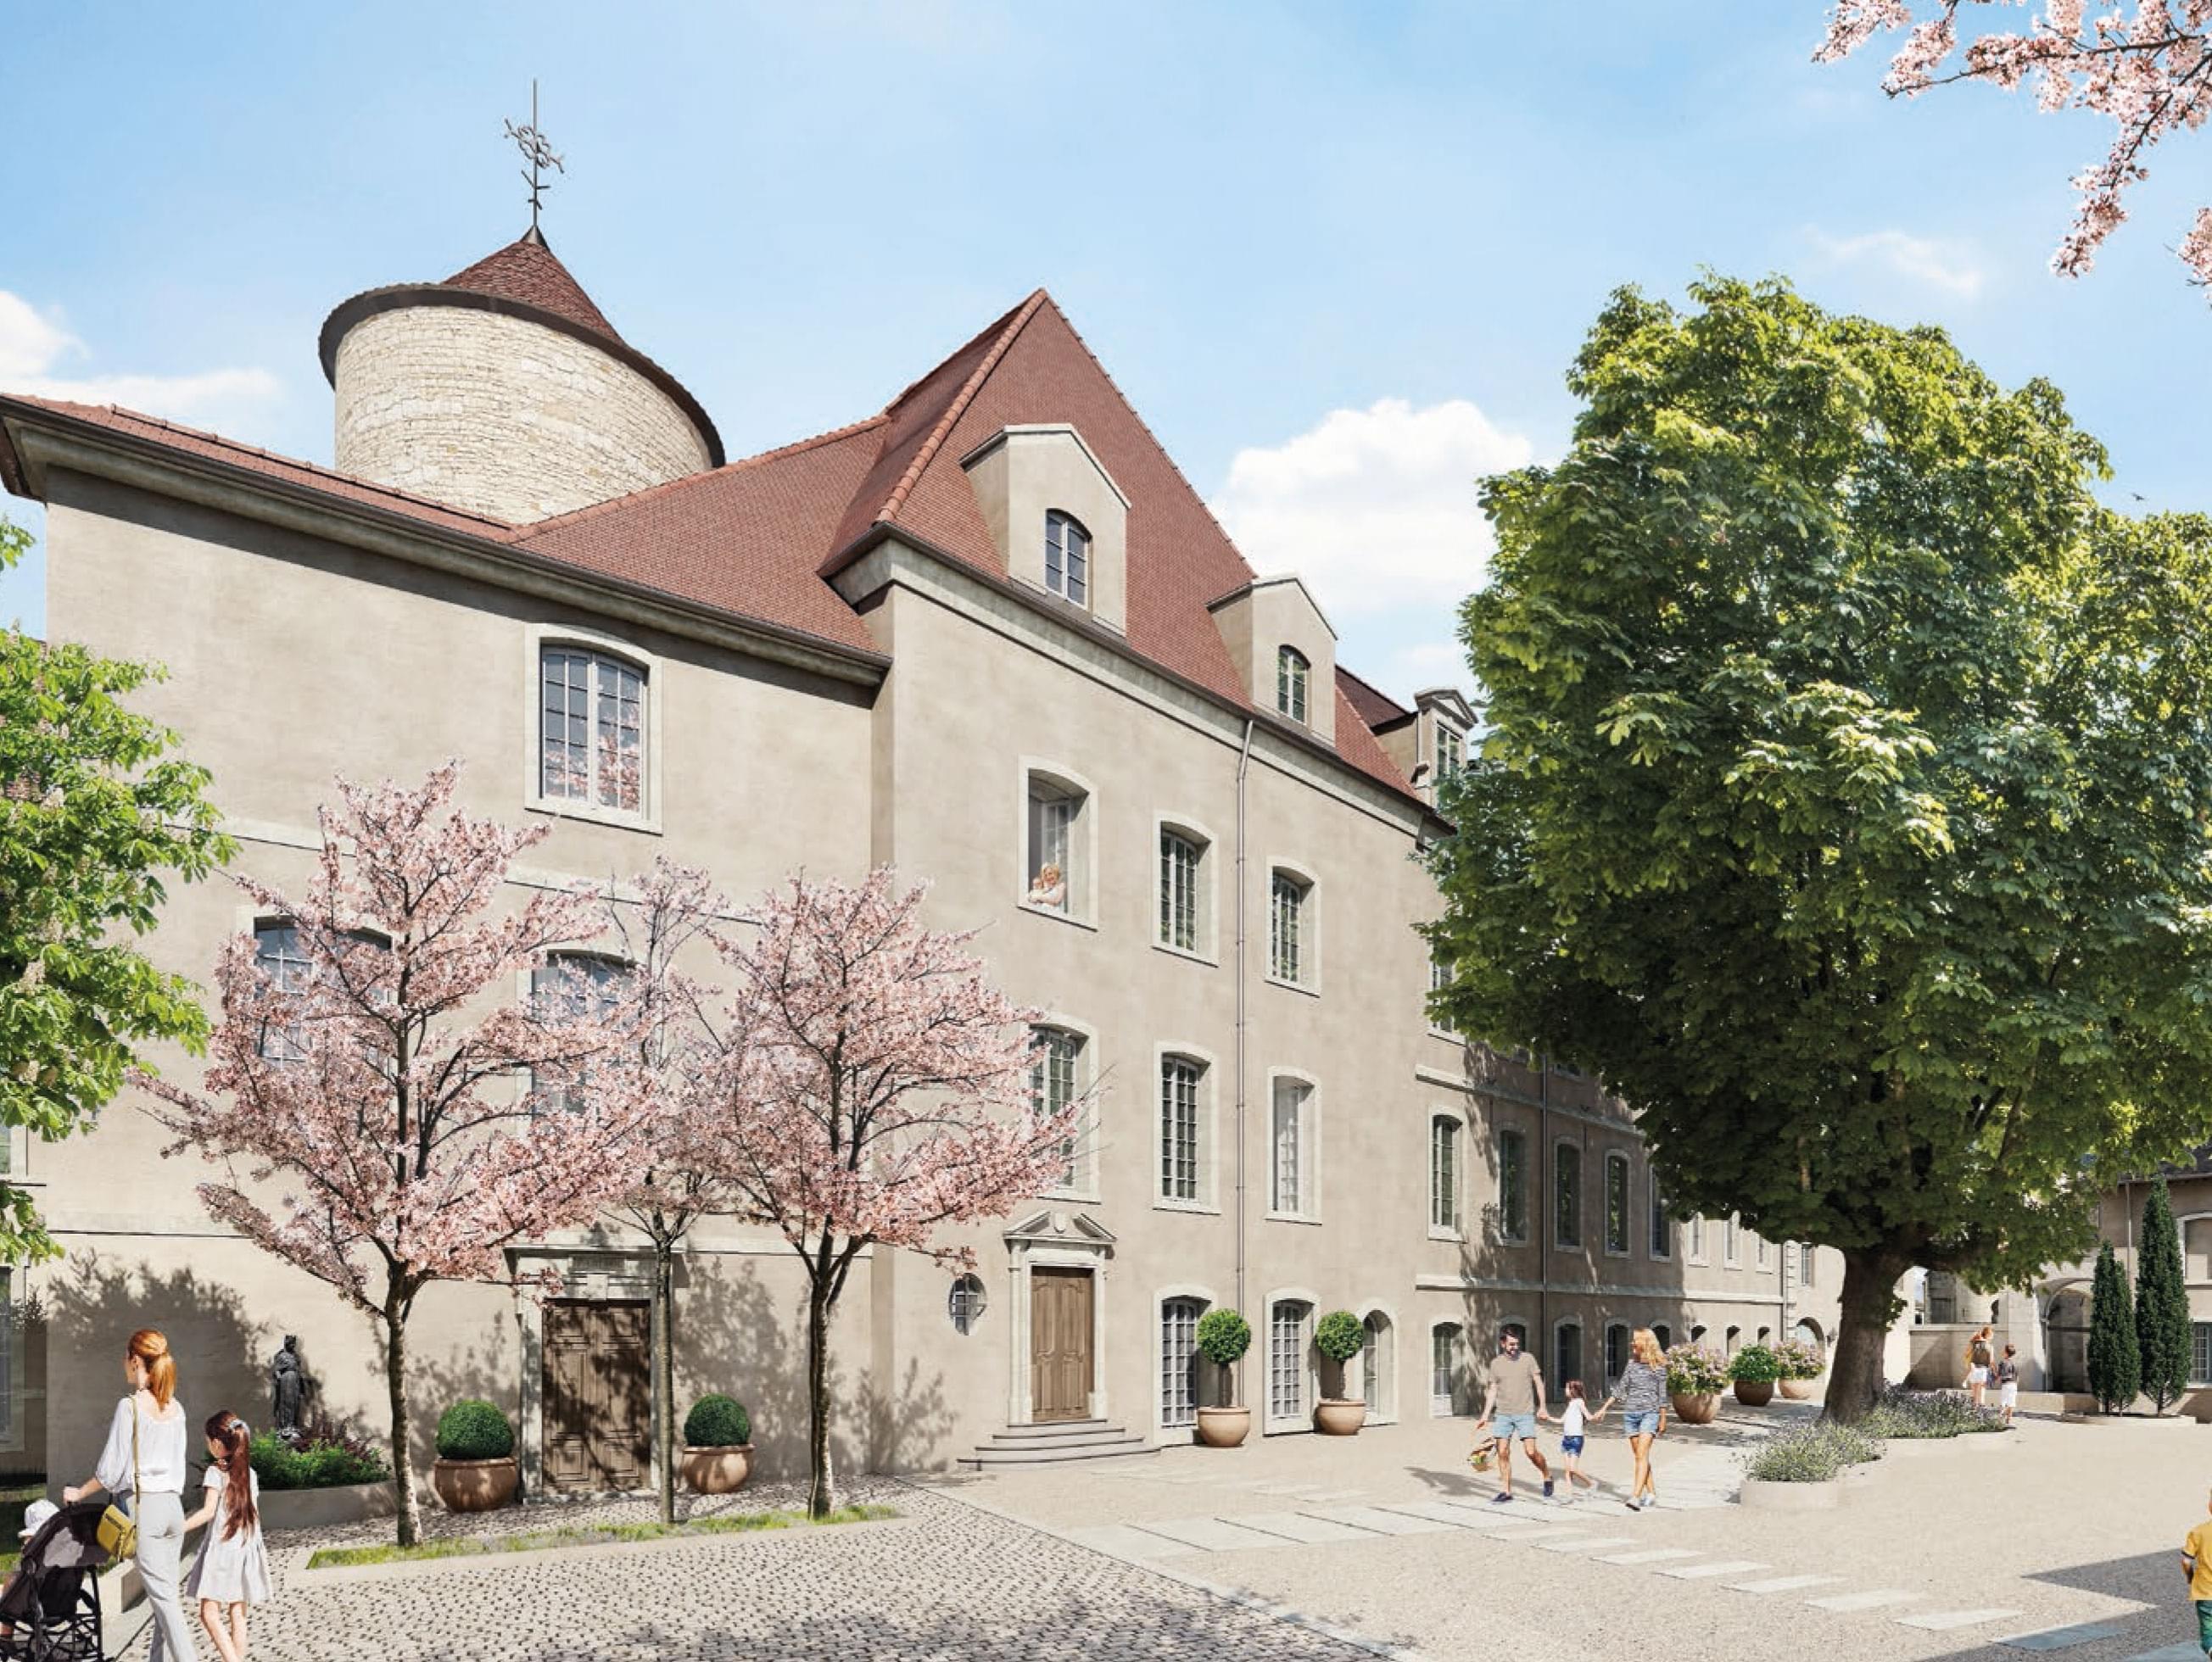 Résidence à Chalon-sur-Saône Belle architecture, Situation exceptionnelle en plein coeur de la ville,